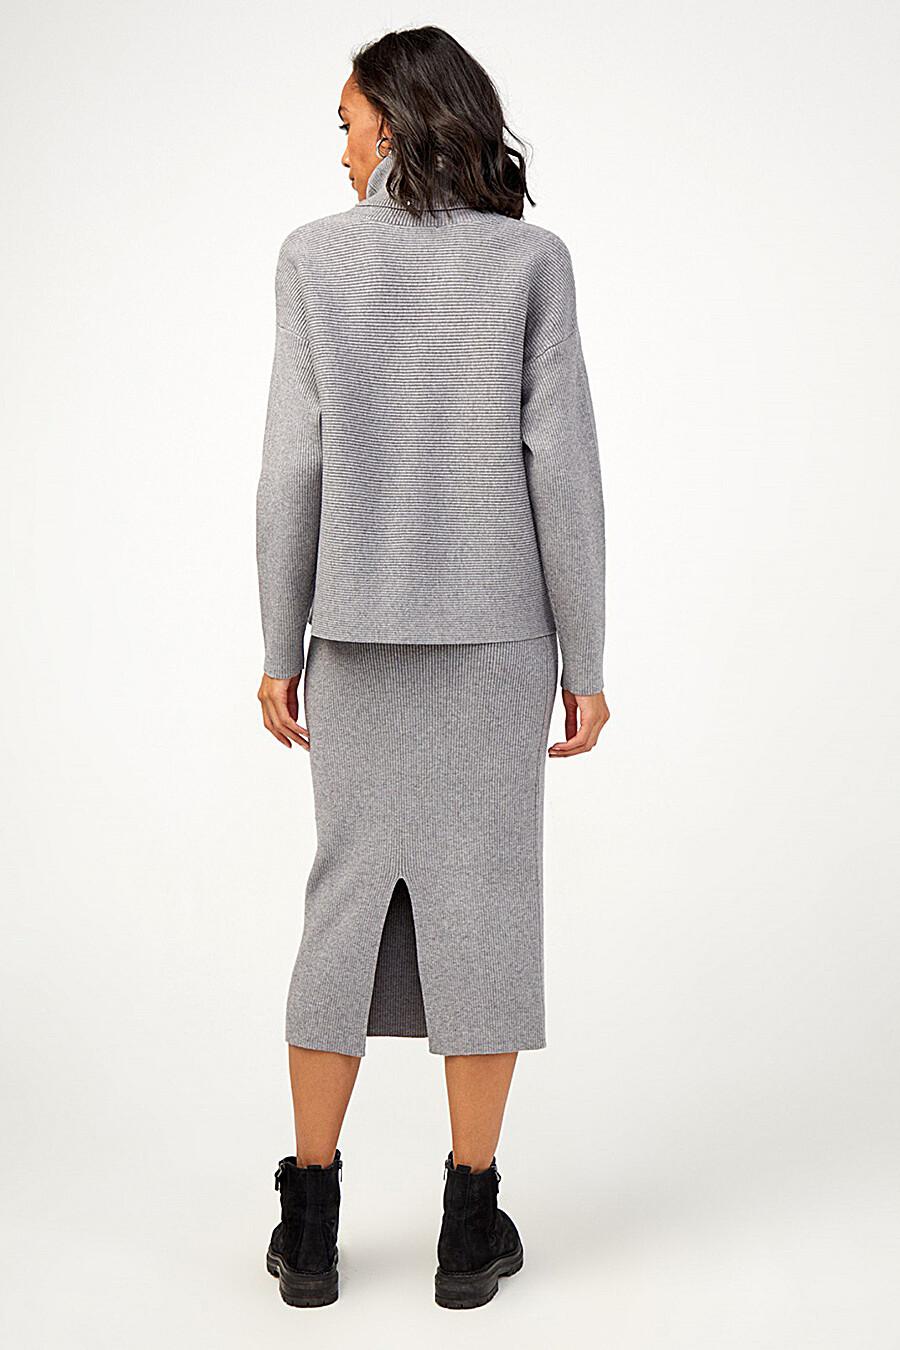 Костюм для женщин TOM FARR 155115 купить оптом от производителя. Совместная покупка женской одежды в OptMoyo